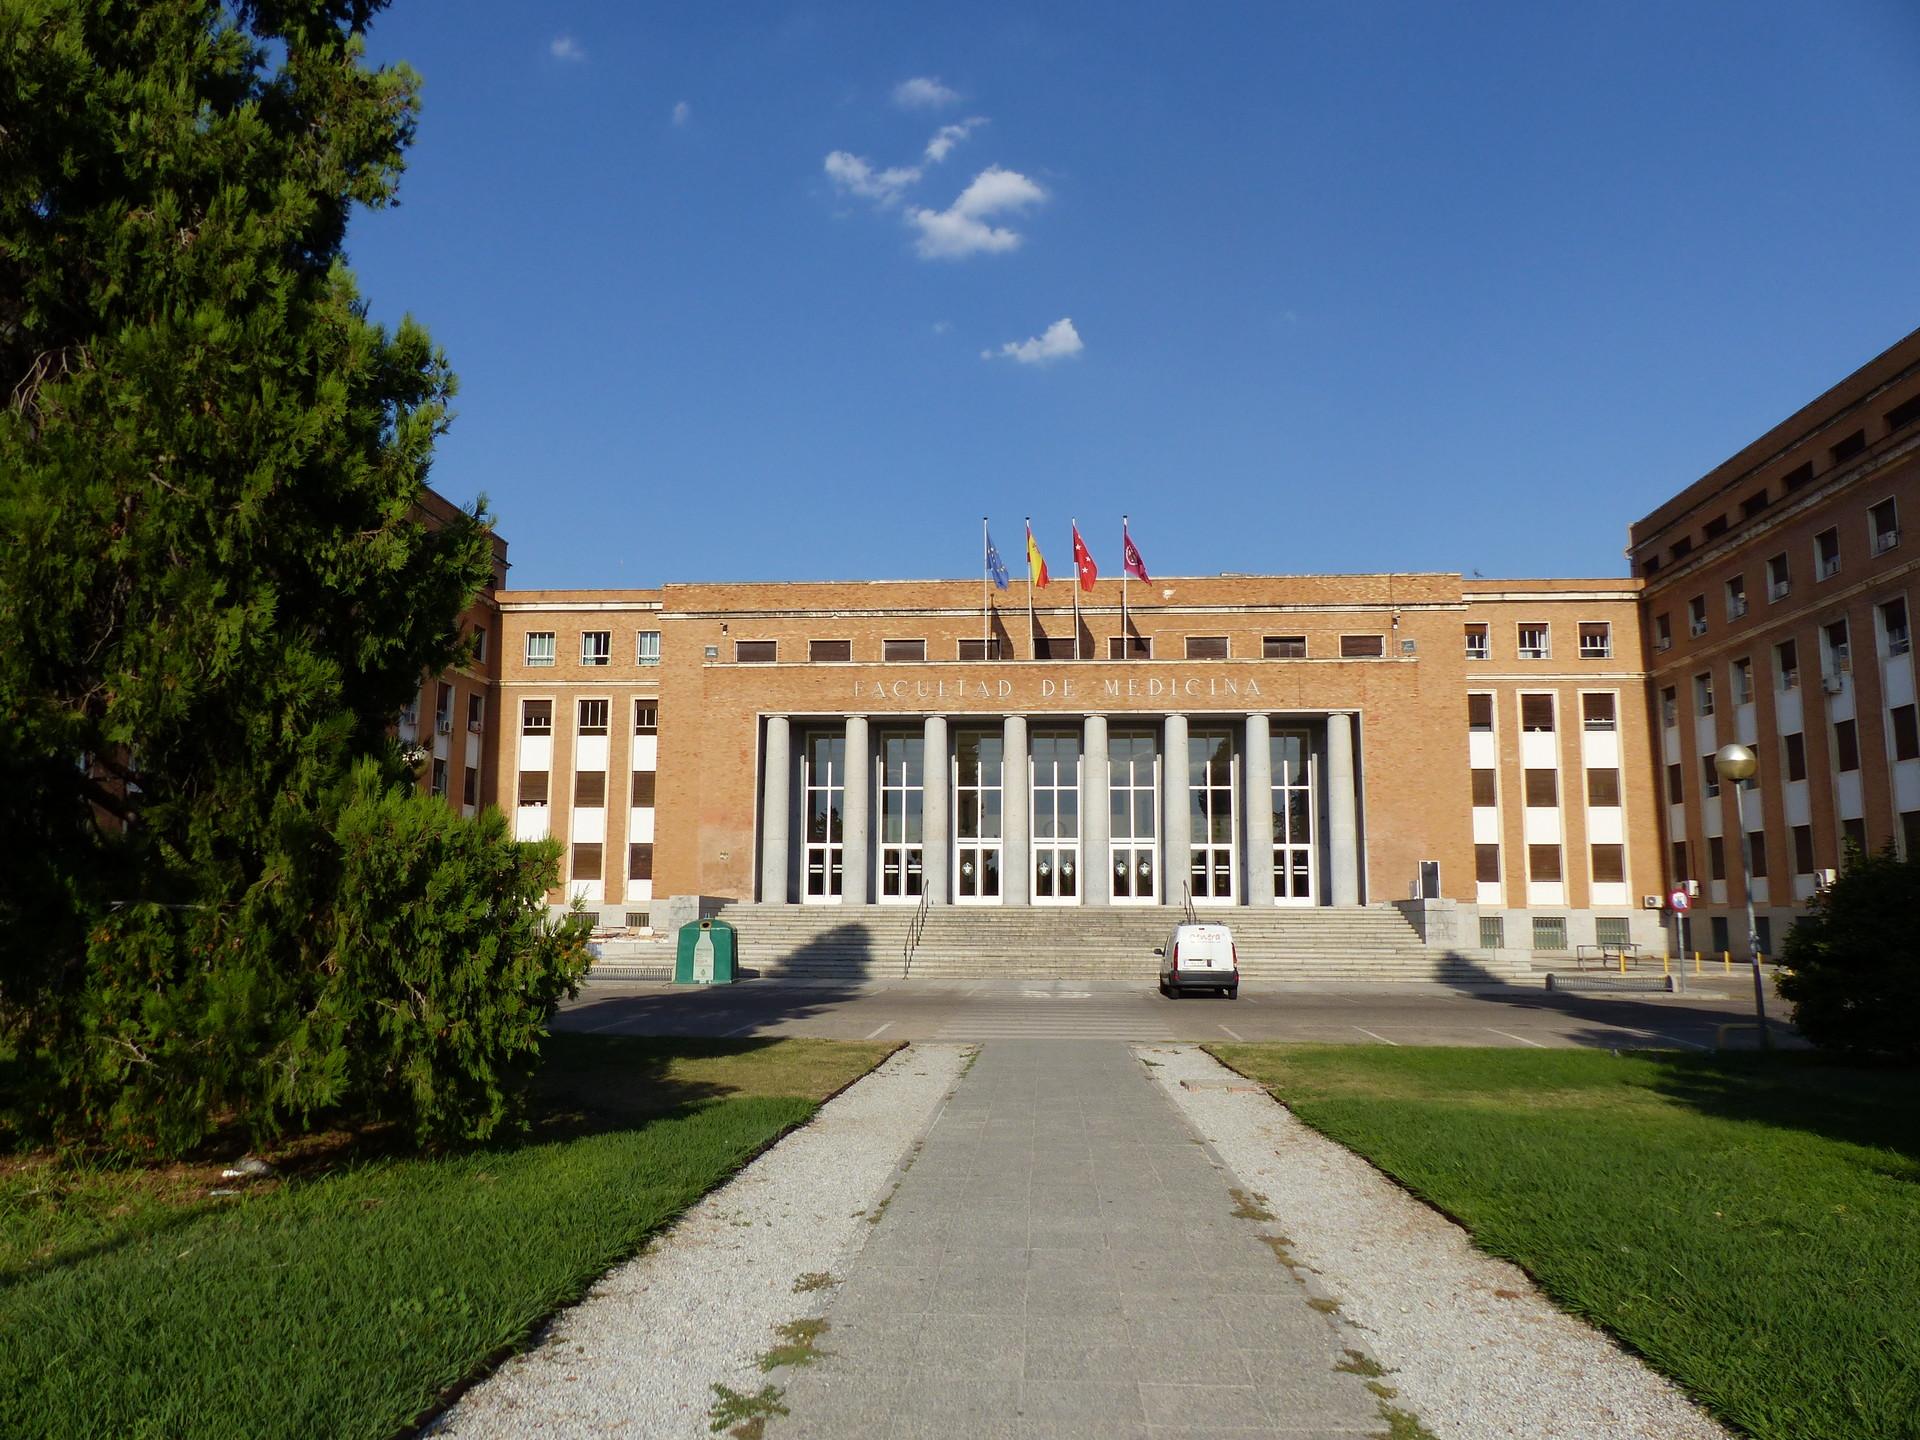 Doświadczenia na uniwersytecie Complutense w Madrycie, Hiszpania według Bo